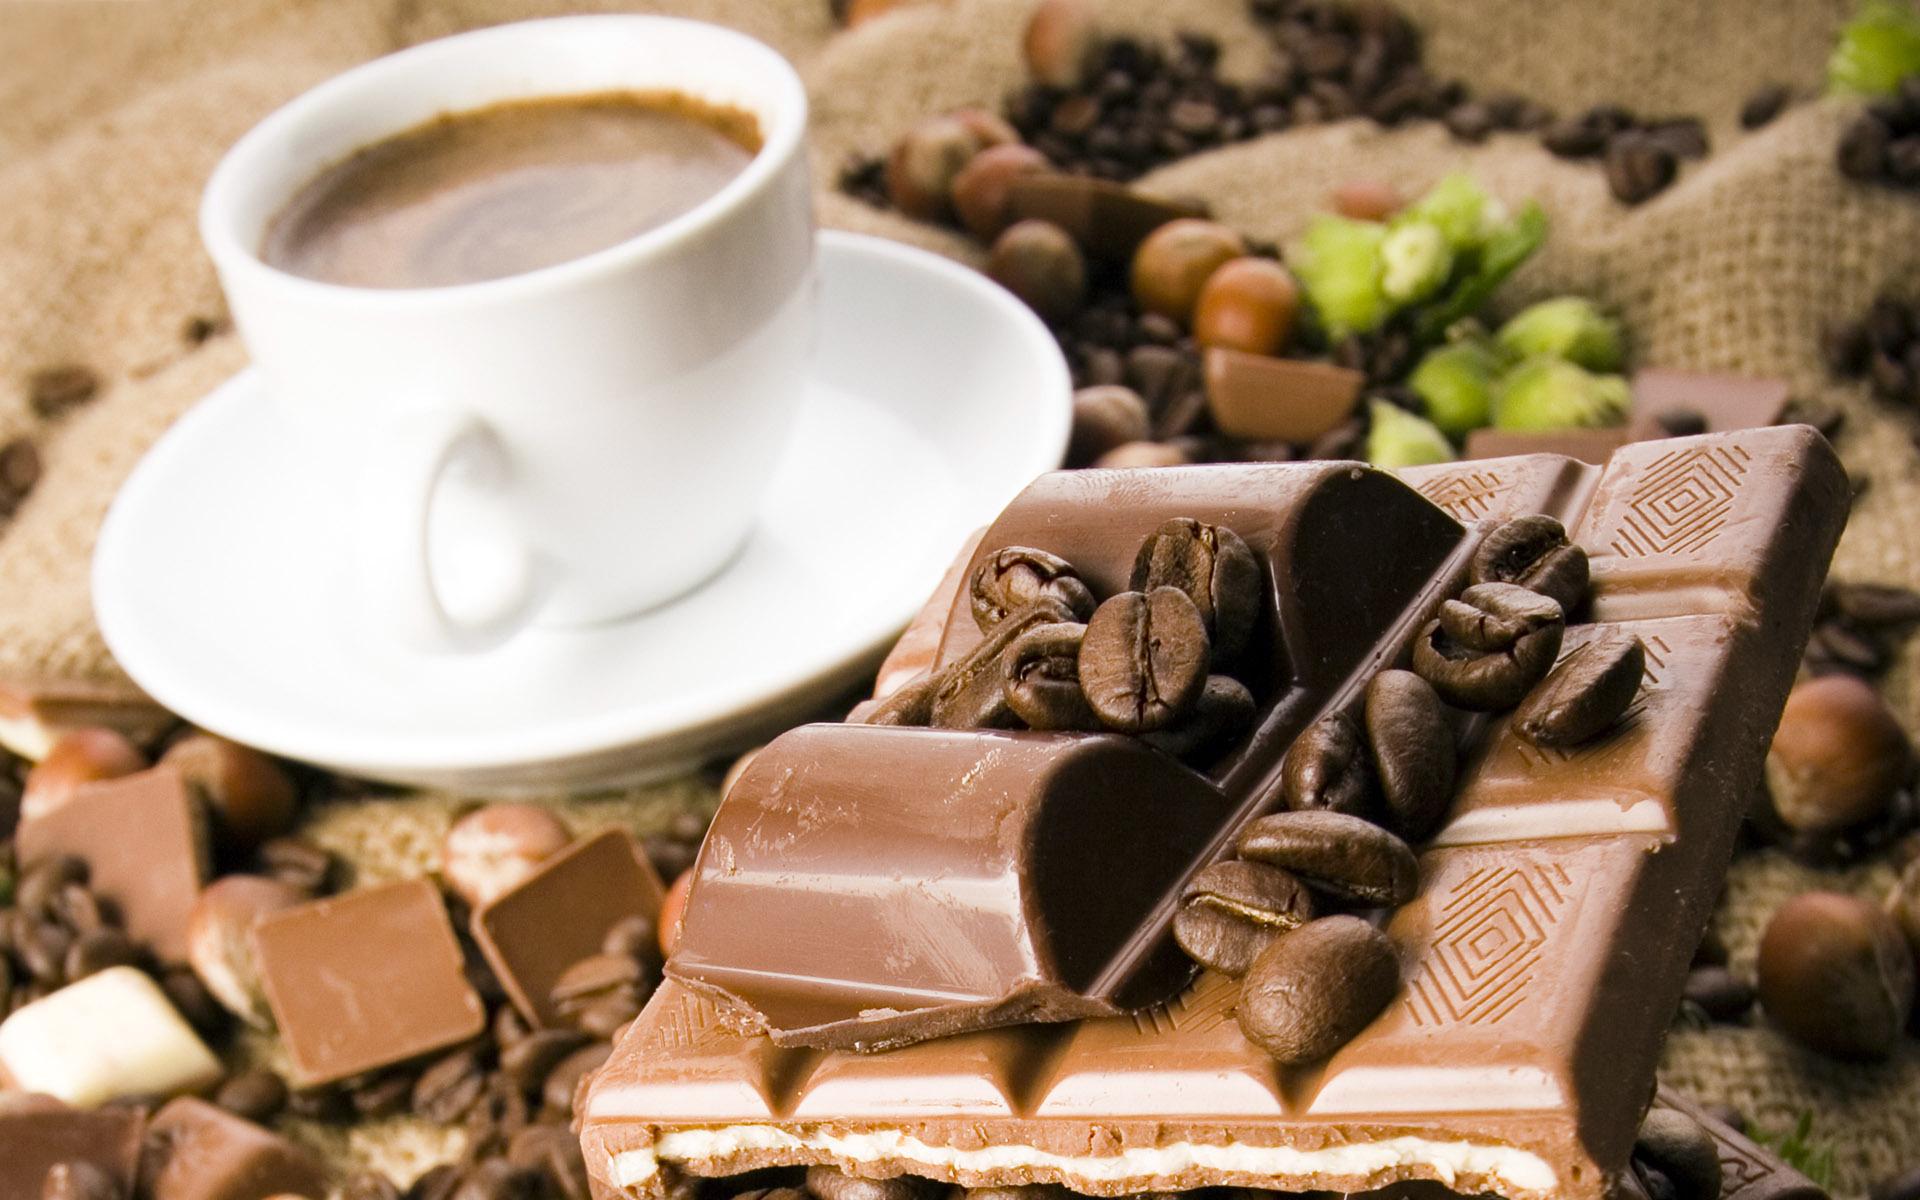 картинки кофе и шоколад по французски красивые личное